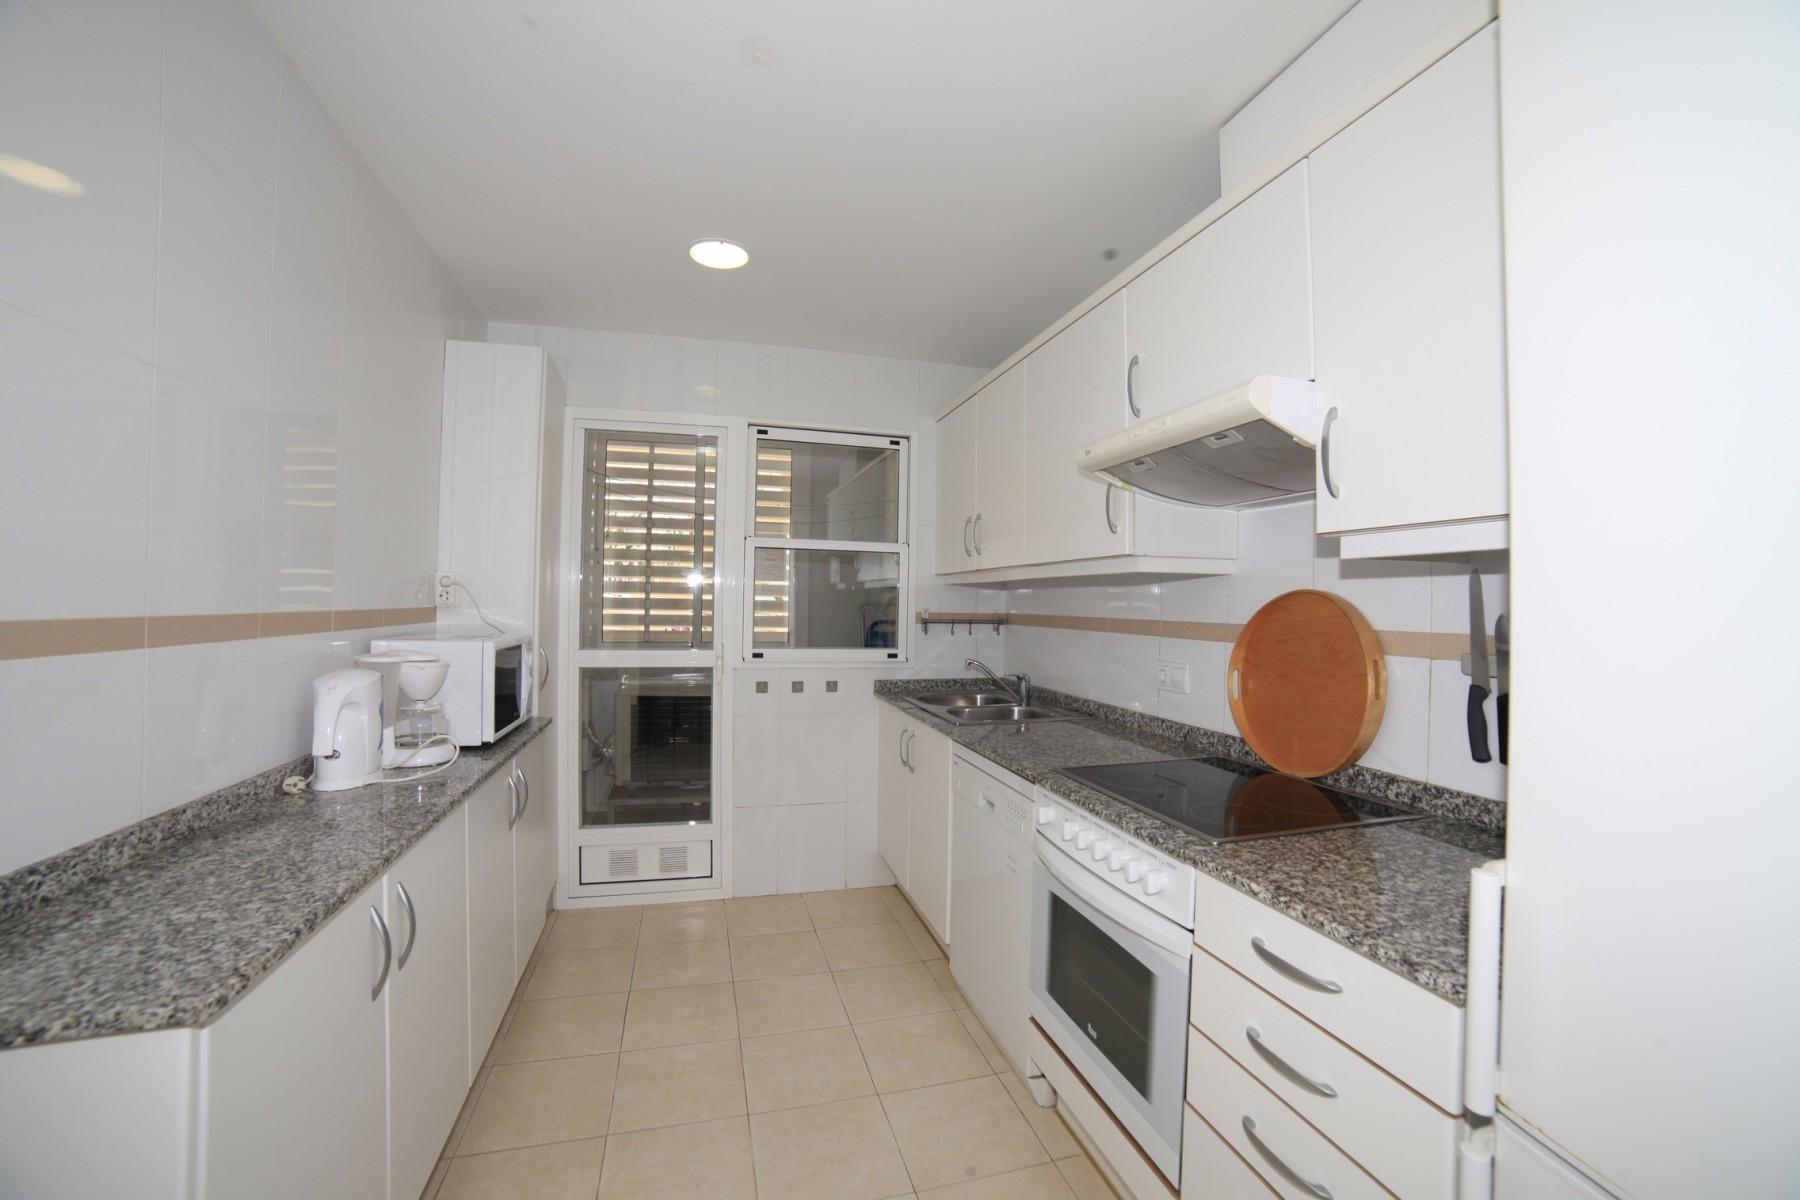 Apartamentos en alcoceber alcossebre alcala blau iii 95 - Apartamentos en alcocebre ...